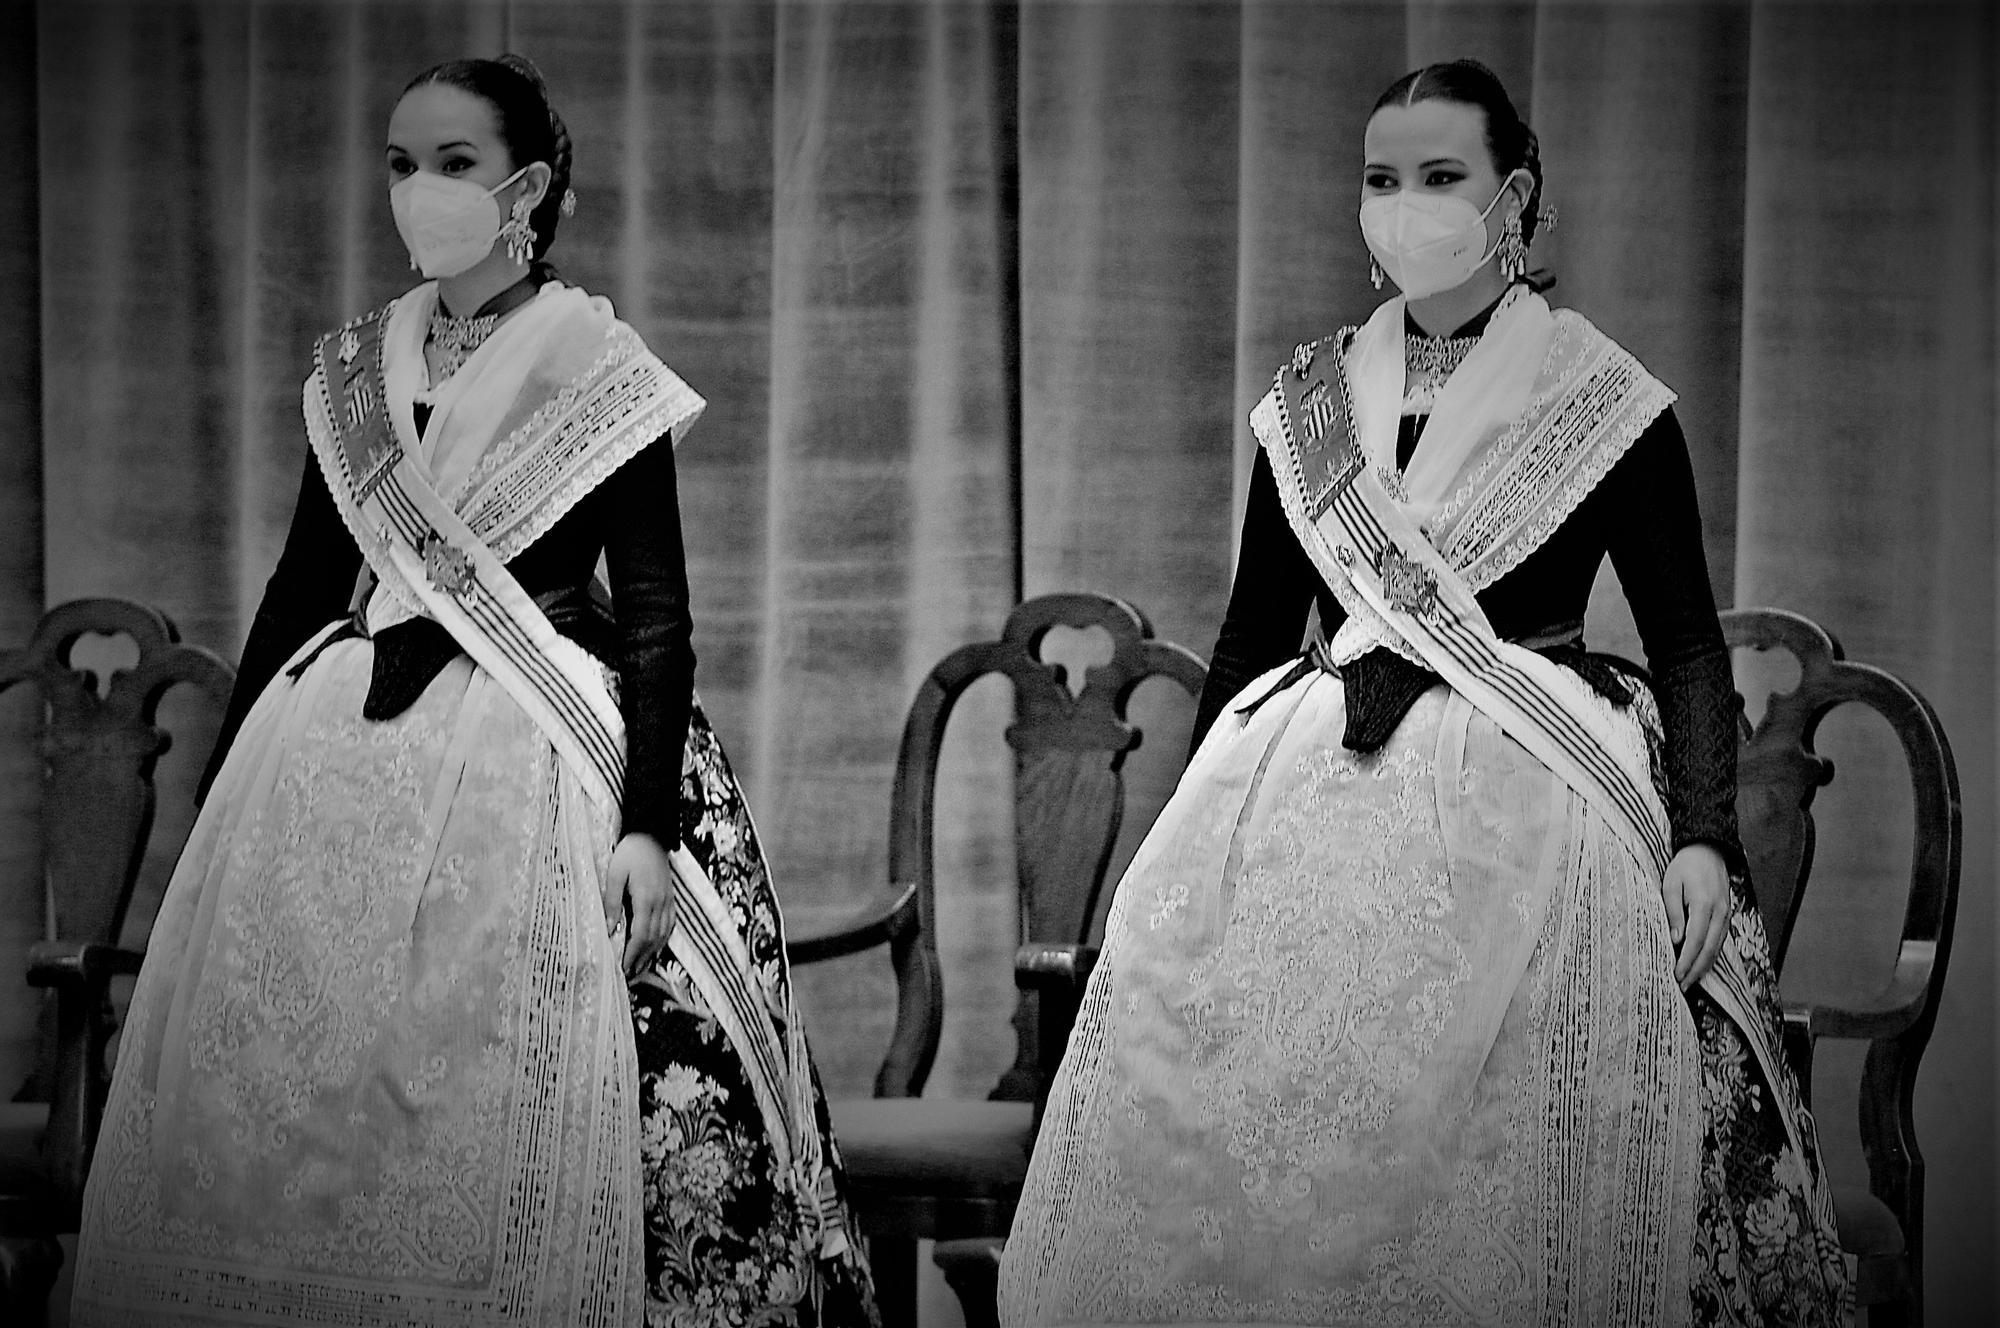 AA La ultima jornada de distinciones trajo de vuelta los jubones negros la tercera version de indumentaria..jpg